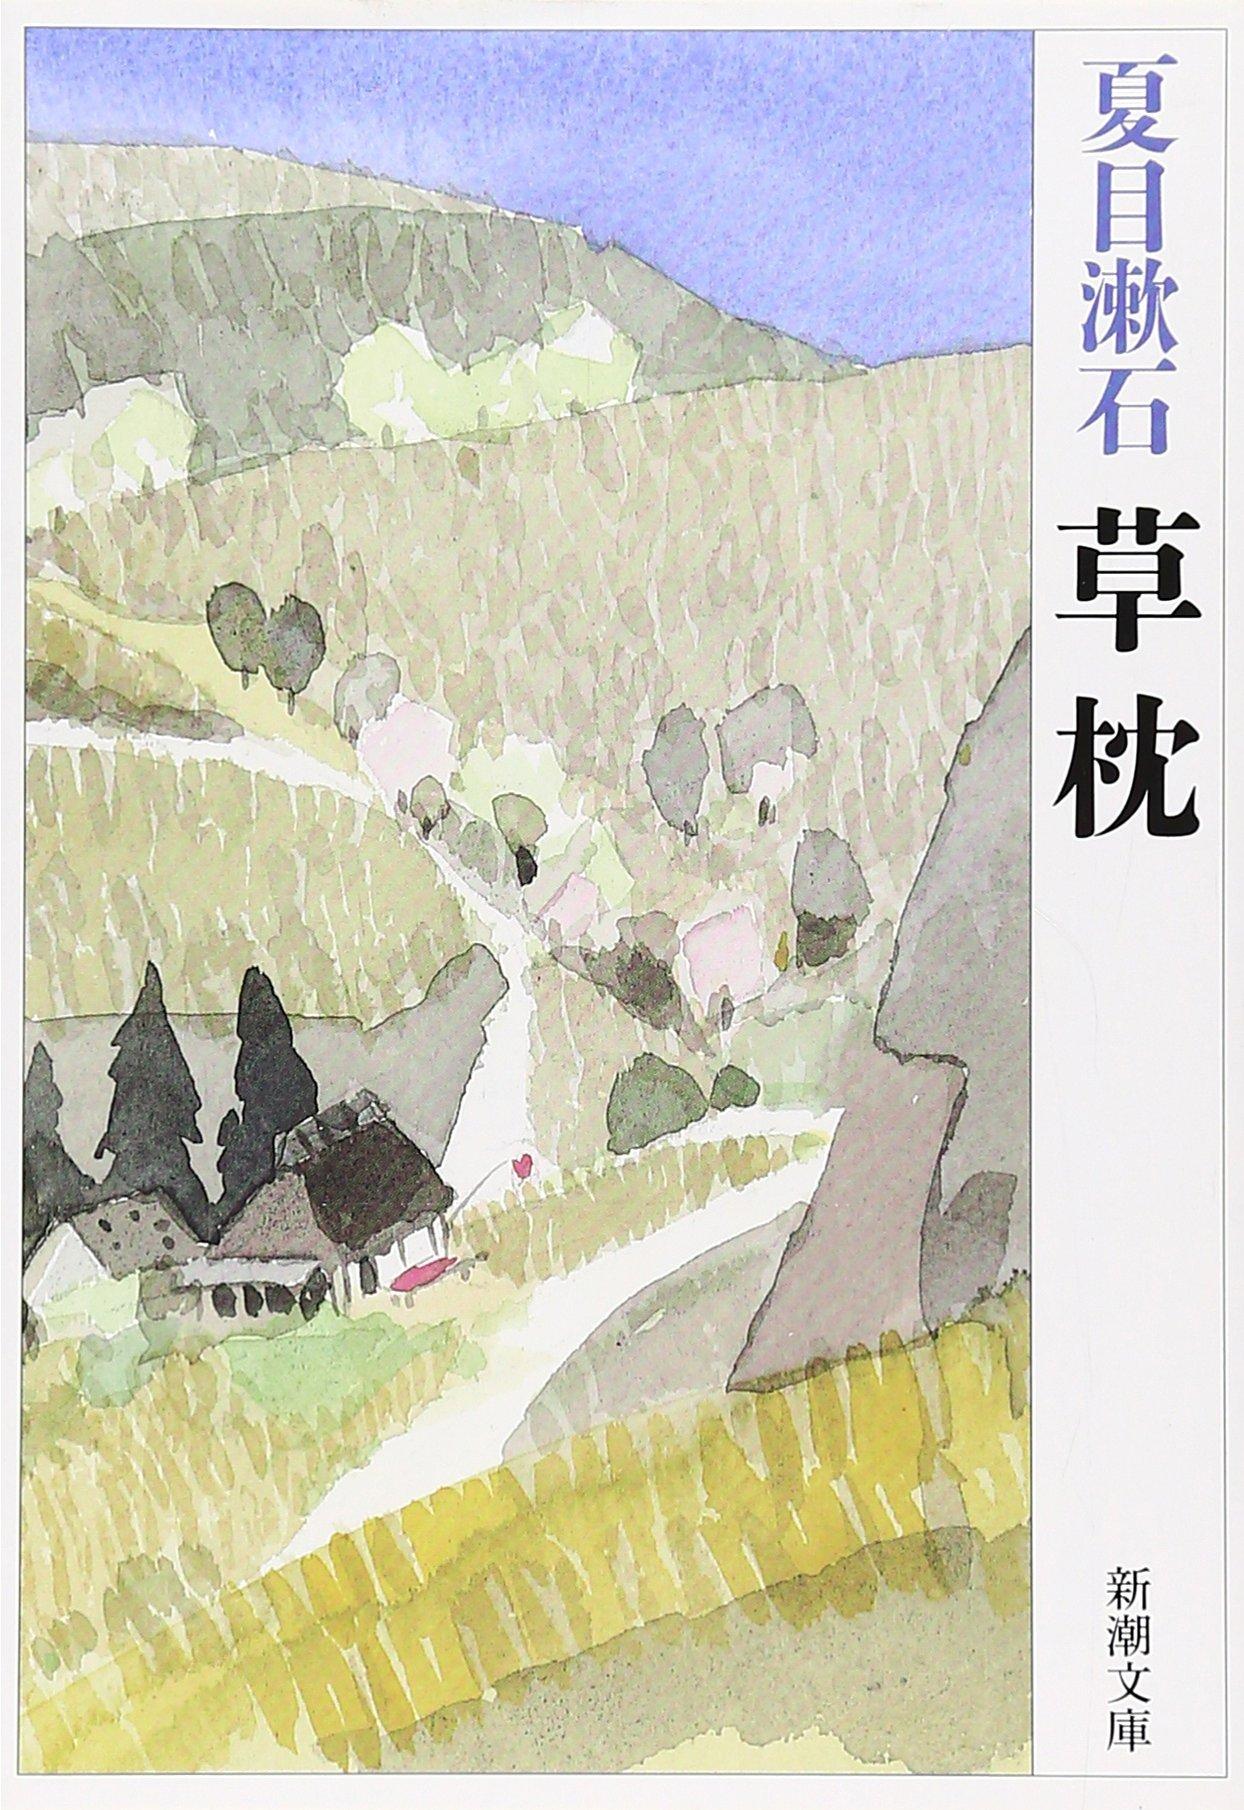 草枕 (新潮文庫)夏目漱石